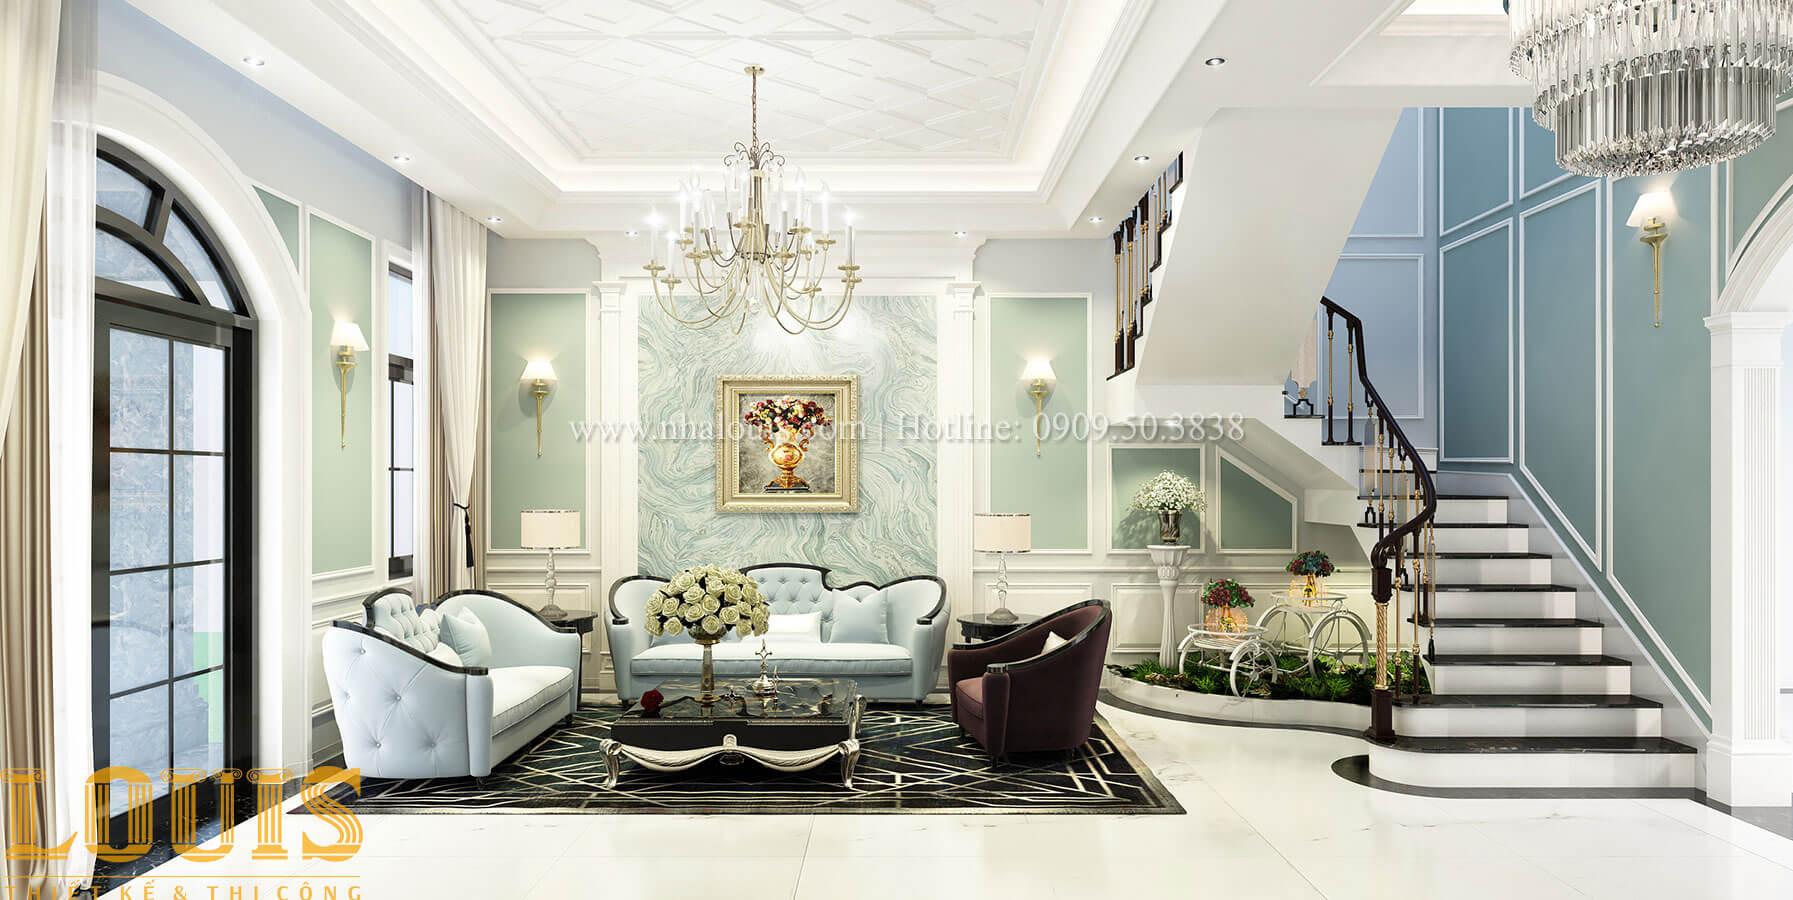 Phòng khách Thiết kế biệt thự 3 tầng đẹp có sân vườn ở miền quê Đồng Nai - 10